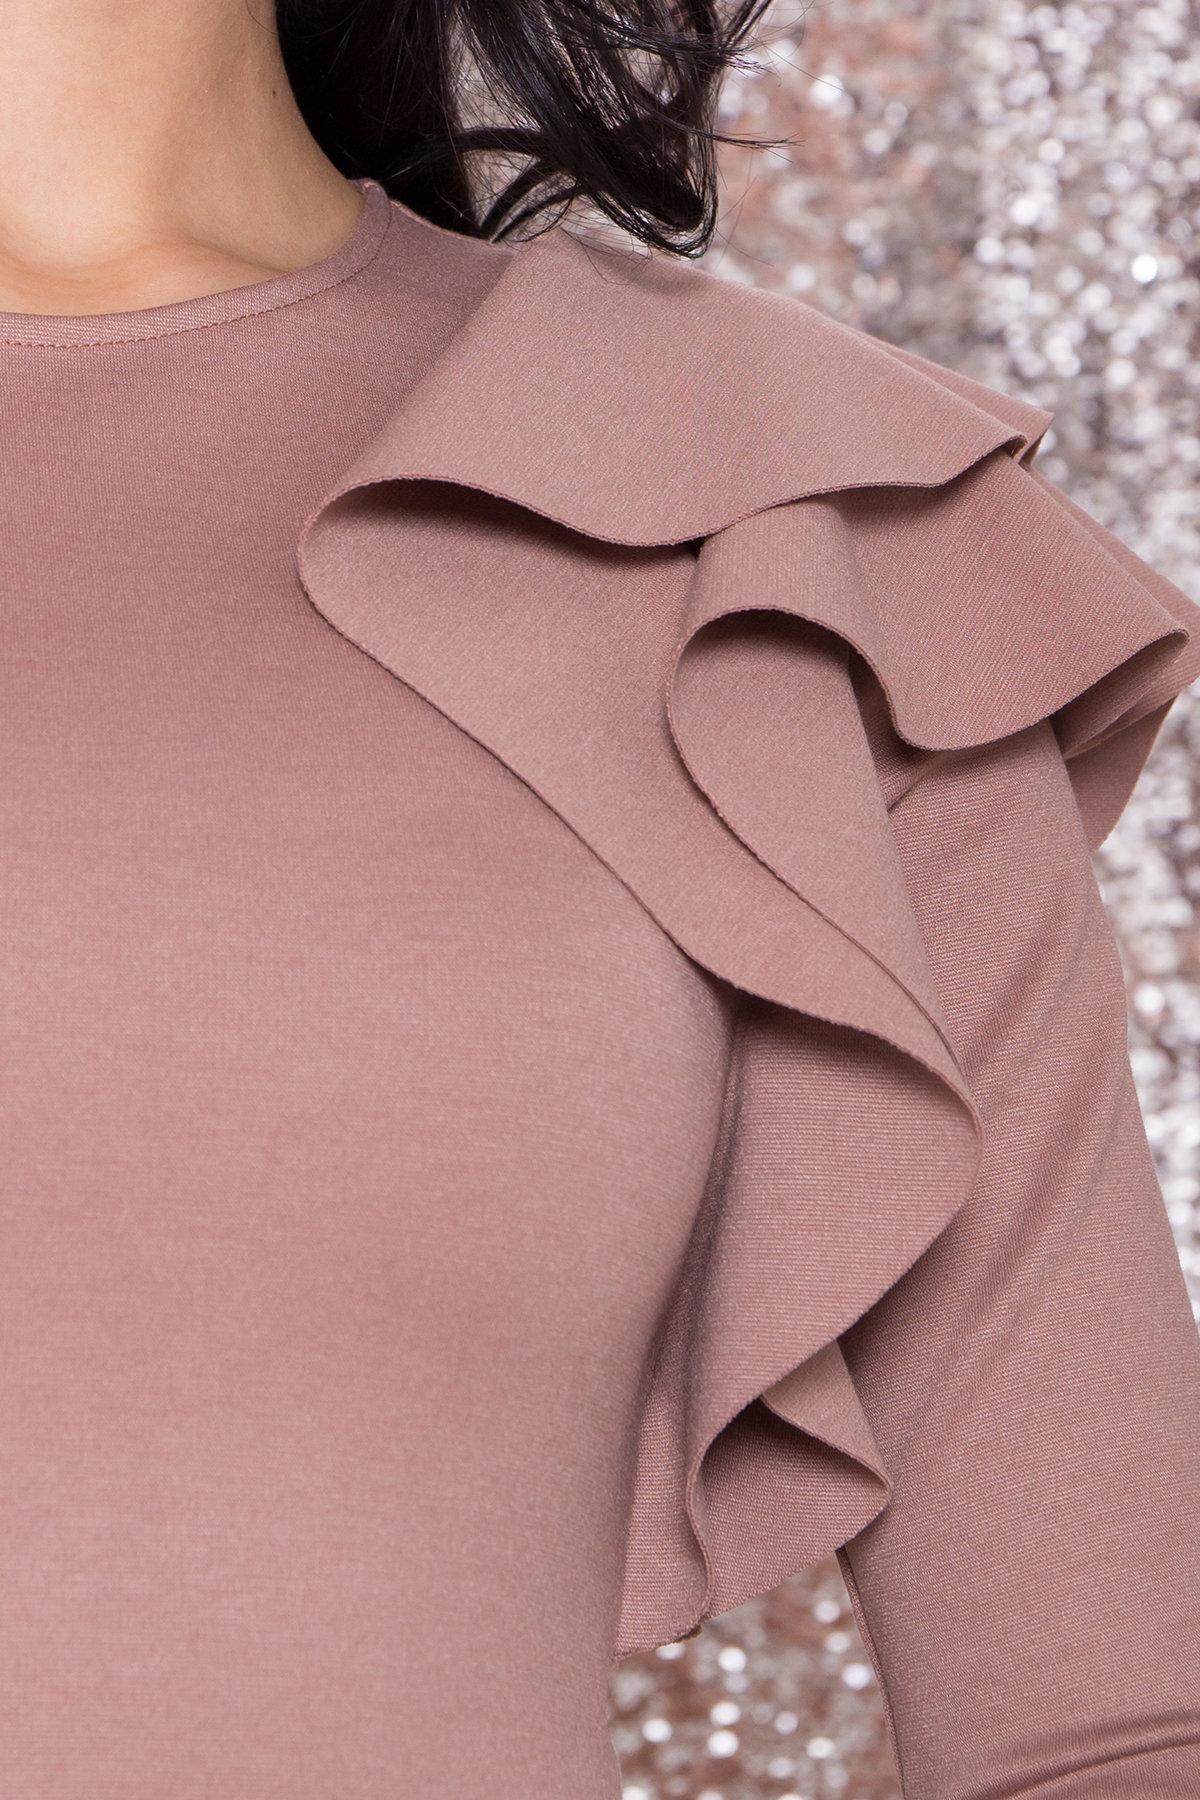 Платье Оникс 8367 АРТ. 44795 Цвет: Бежевый Темный - фото 7, интернет магазин tm-modus.ru